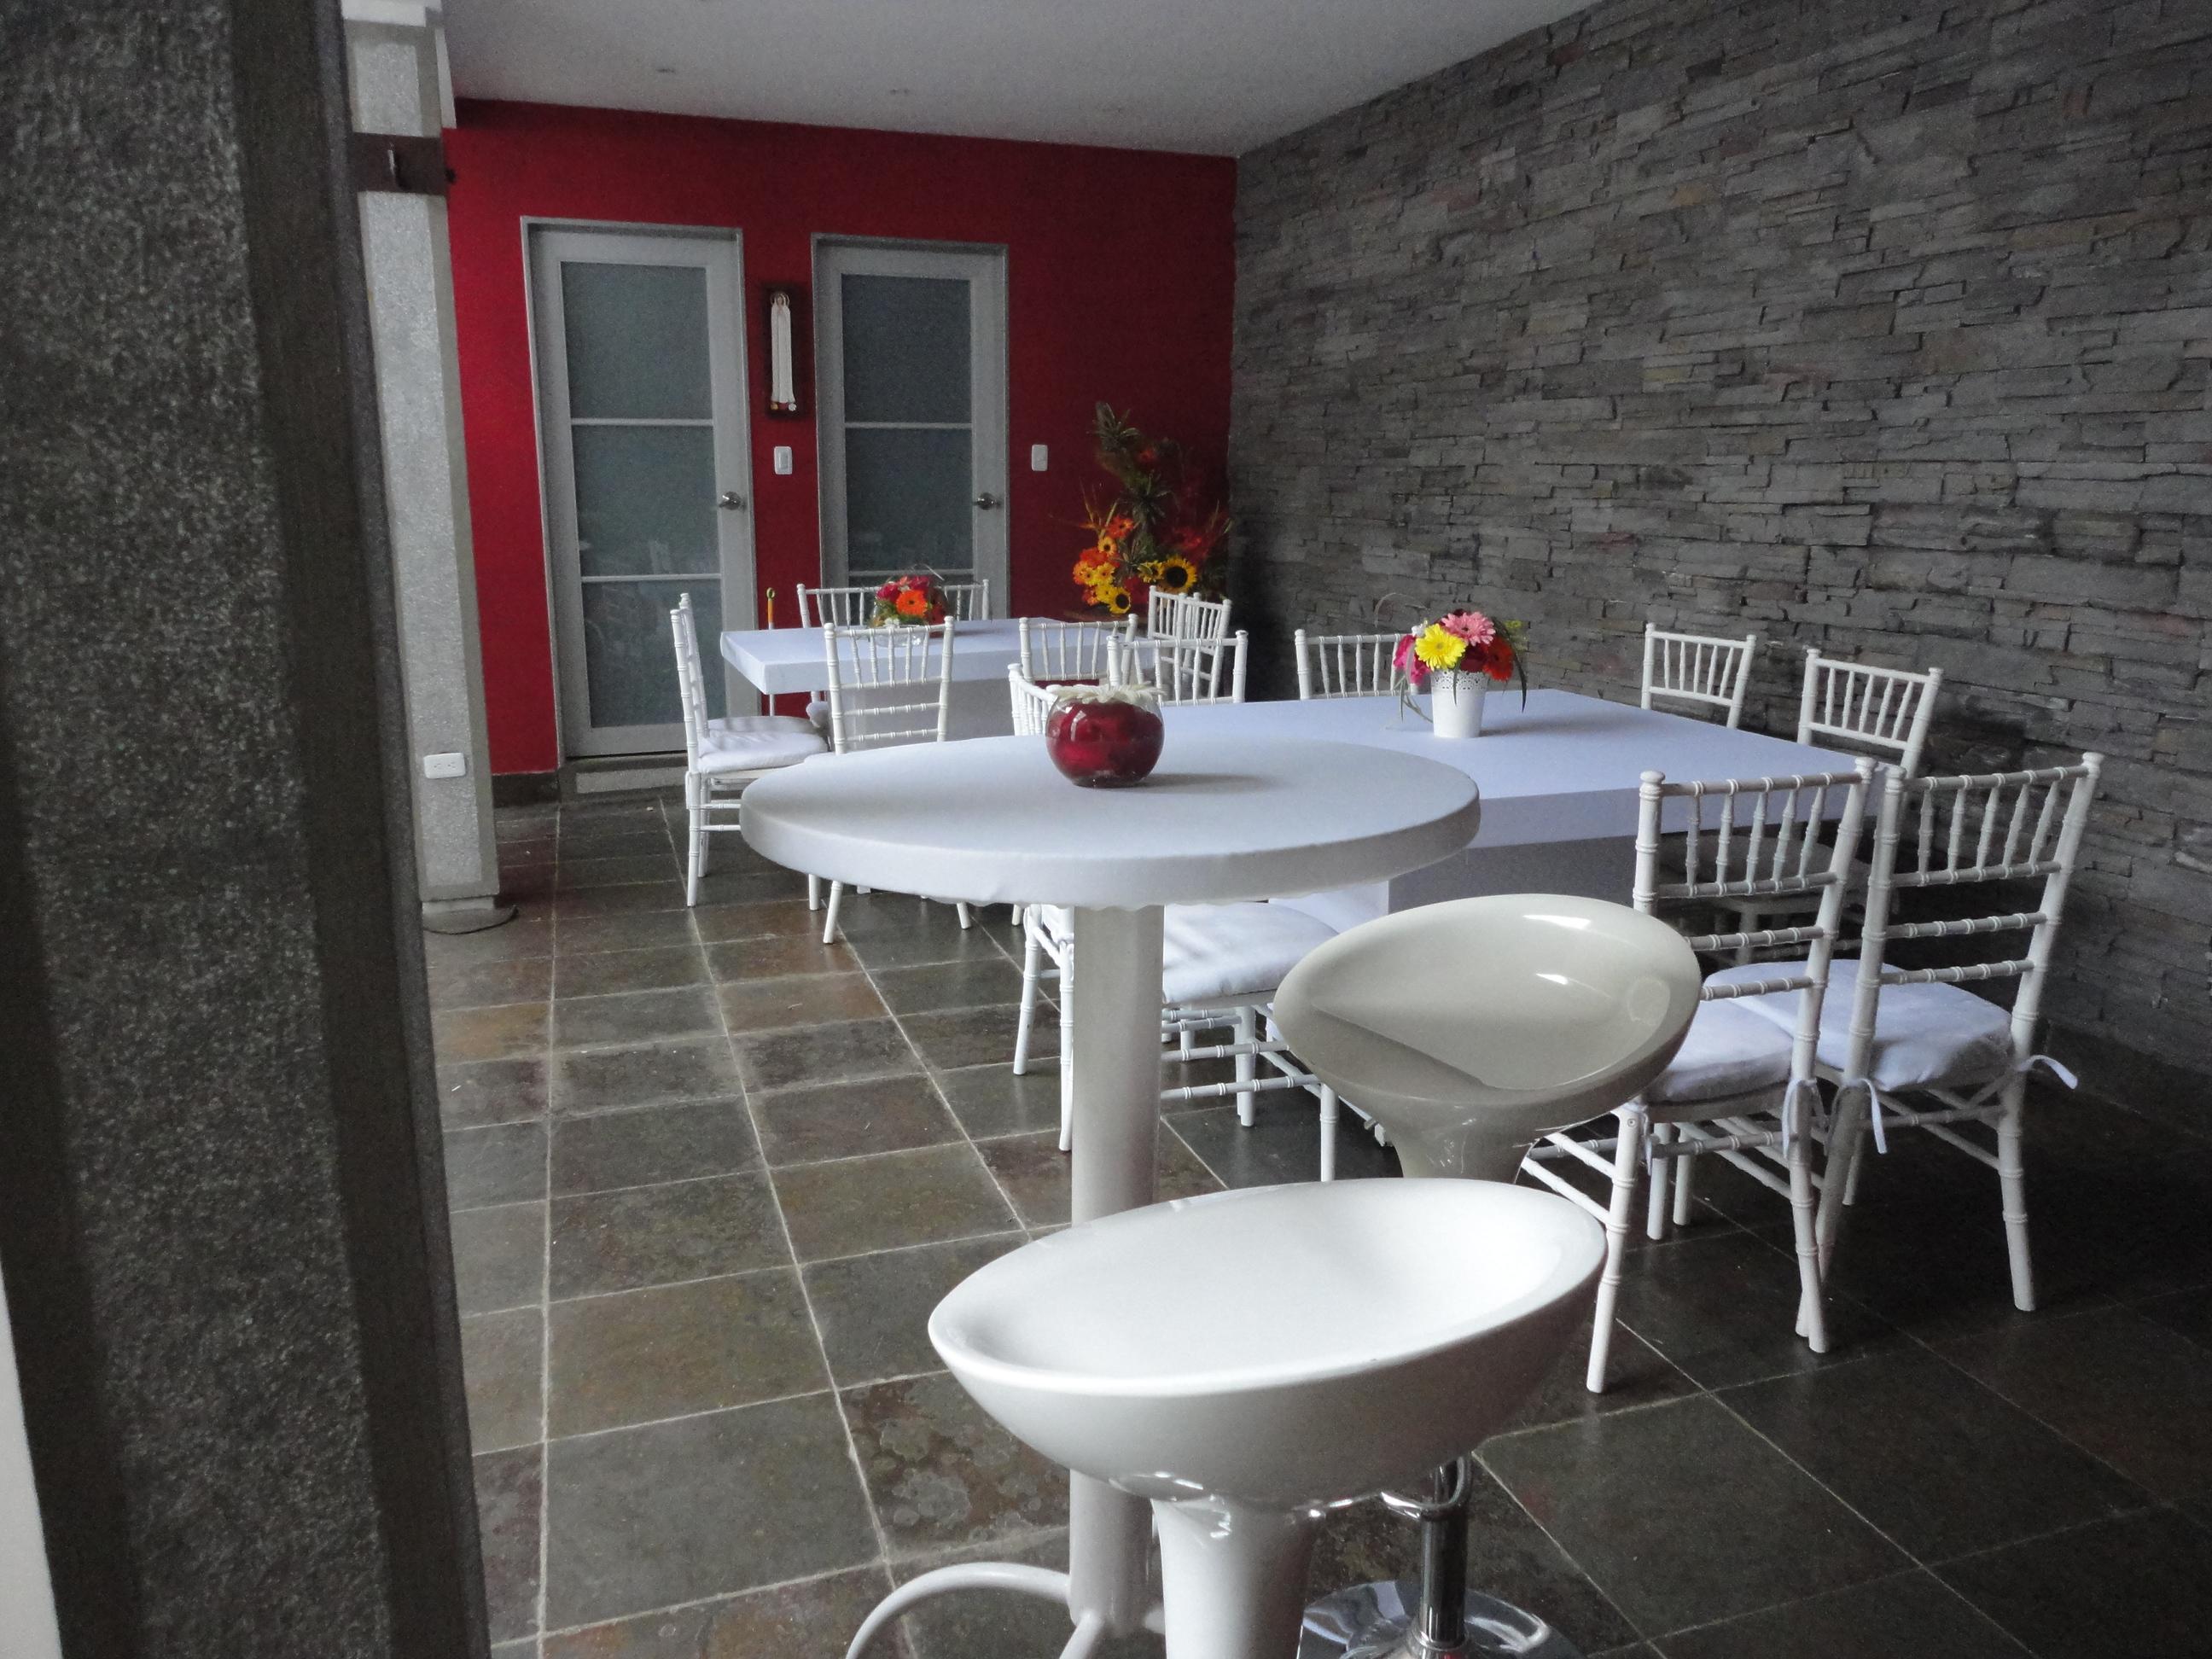 Mobiliario para Fiestas, Mesas, Sillas, lounges, Toldos y mucho más ...